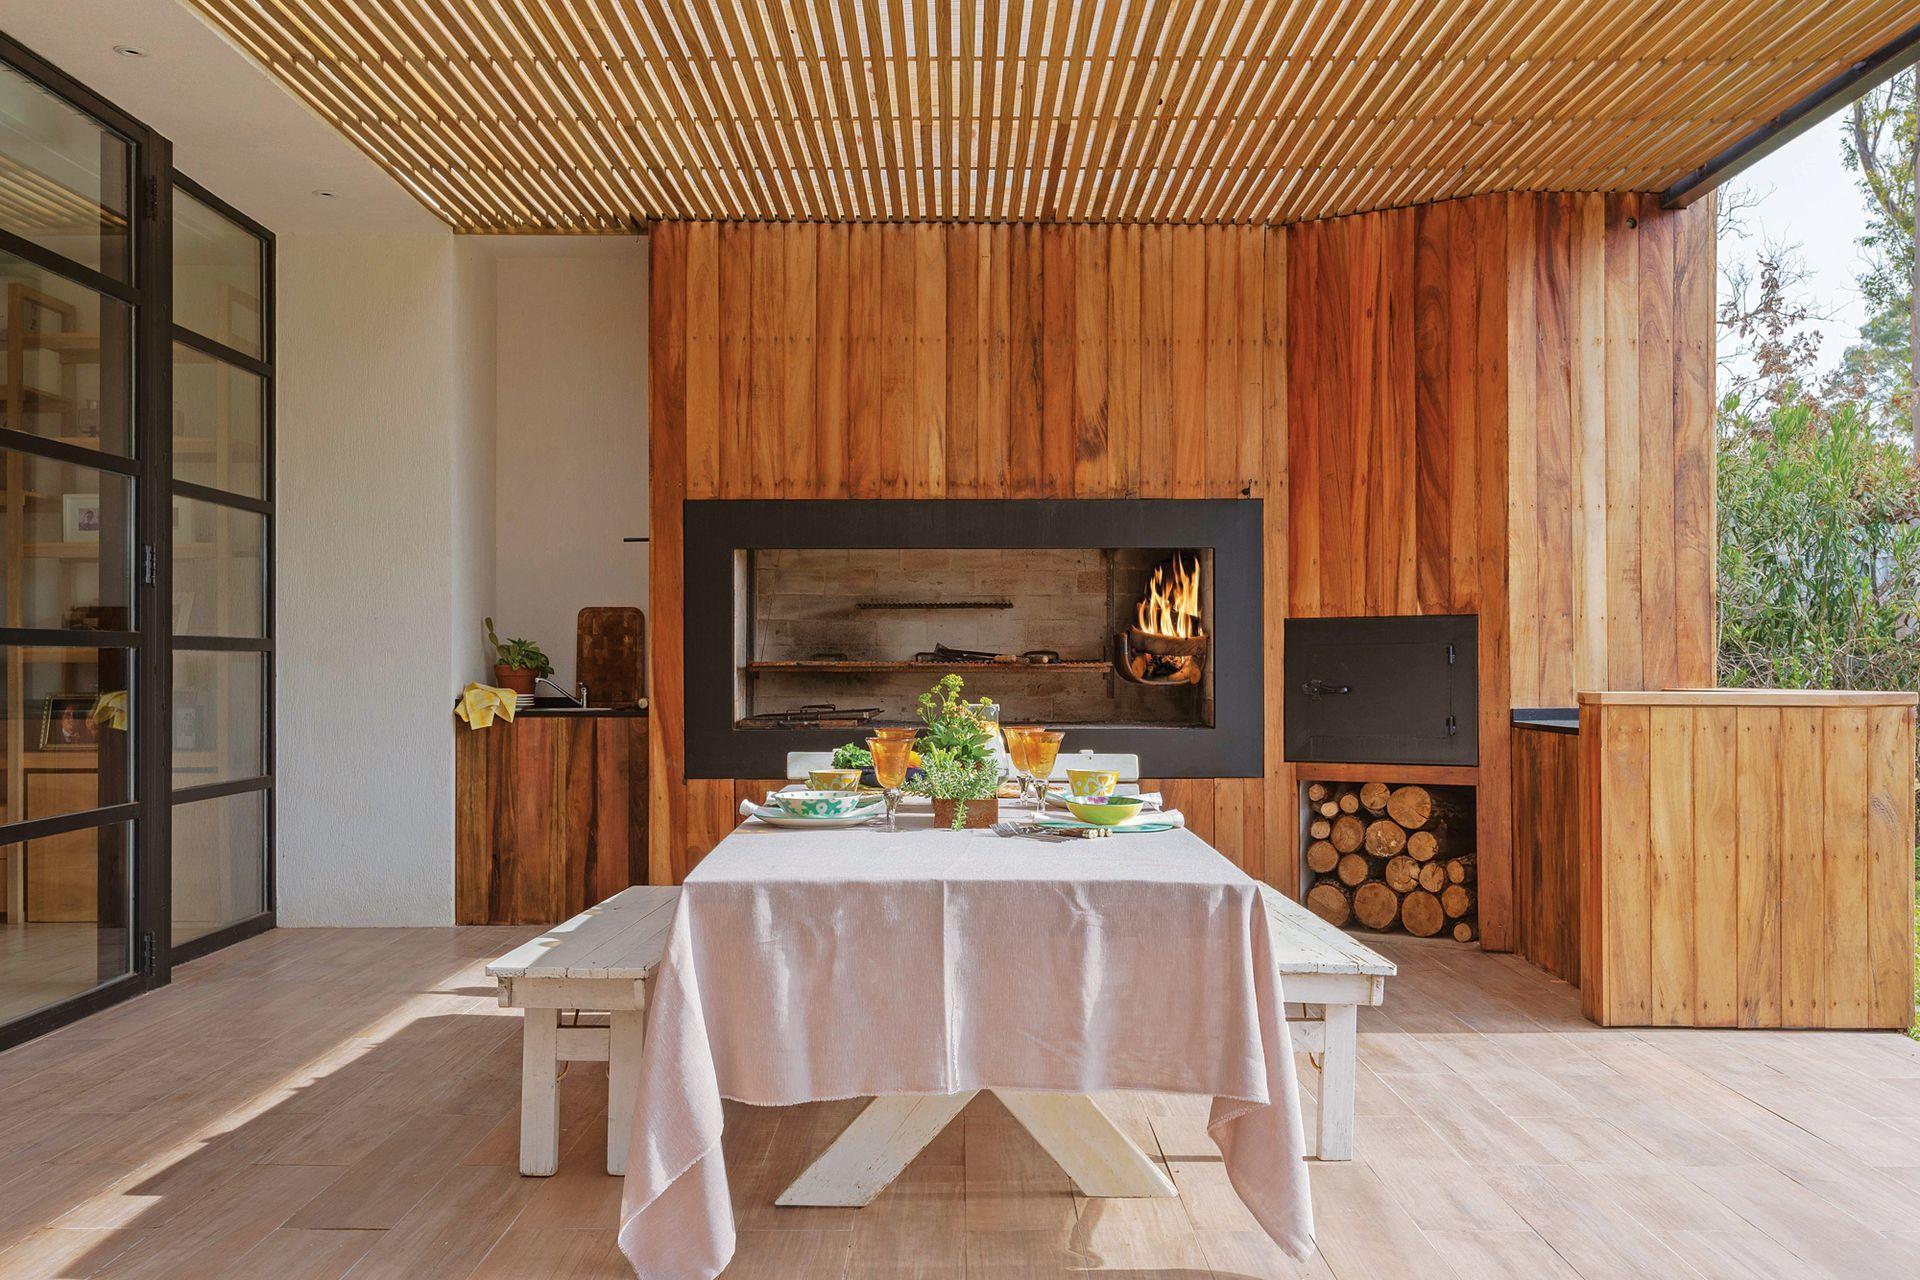 El grueso marco de chapa de hierro preserva la madera del revestimiento del efecto del humo y el calor.